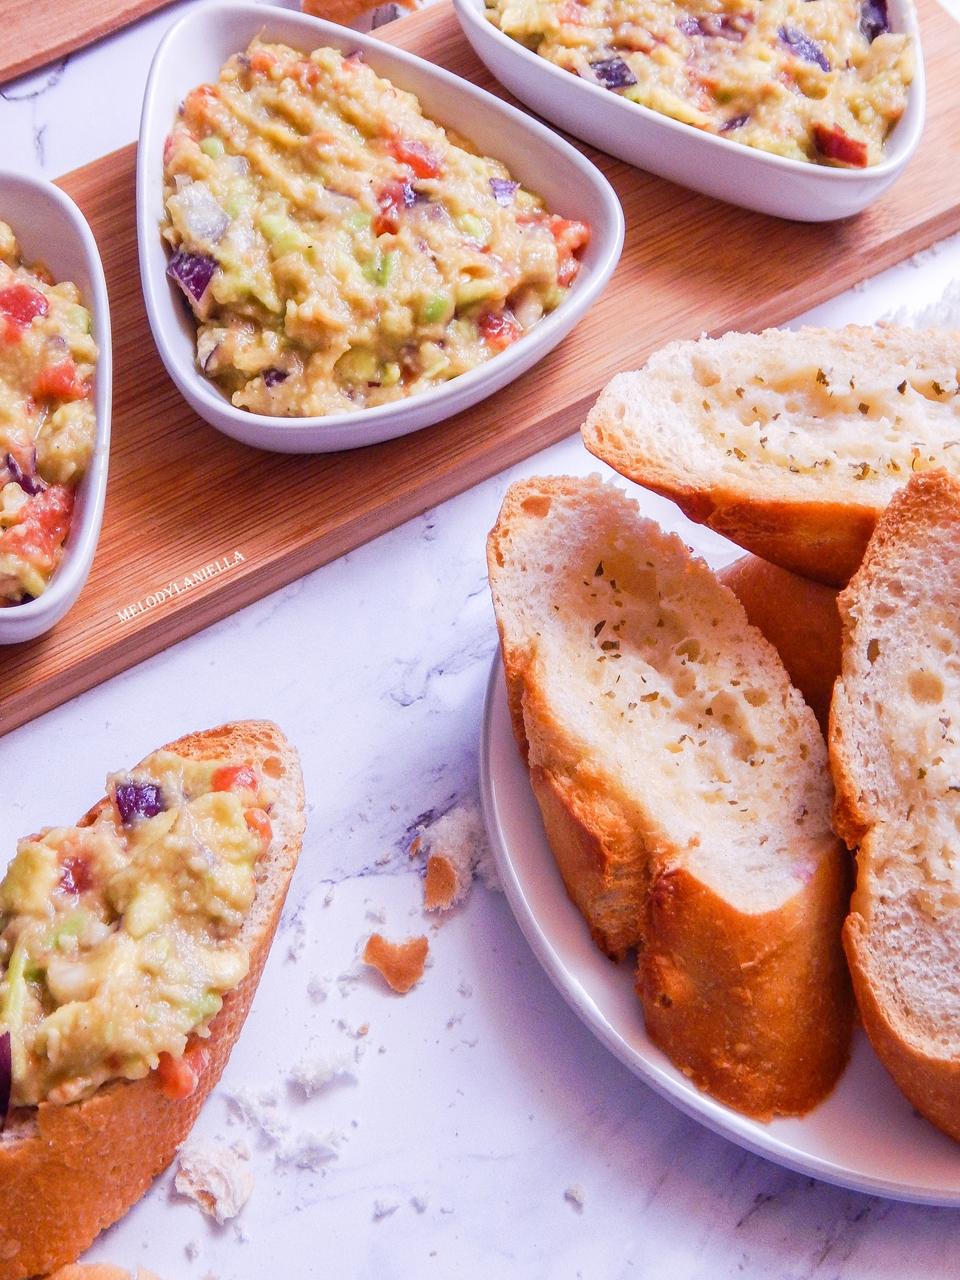 6 guacamole pasta z awokado pomidorami i czerwoną cebulą pasty nakapkowe przepis pomysły gotowanie pesto z awokado pomysły na kolację obiad zdrowe fit dobre tłuszcze pomysł na kanapki na drugie śniadanie-2